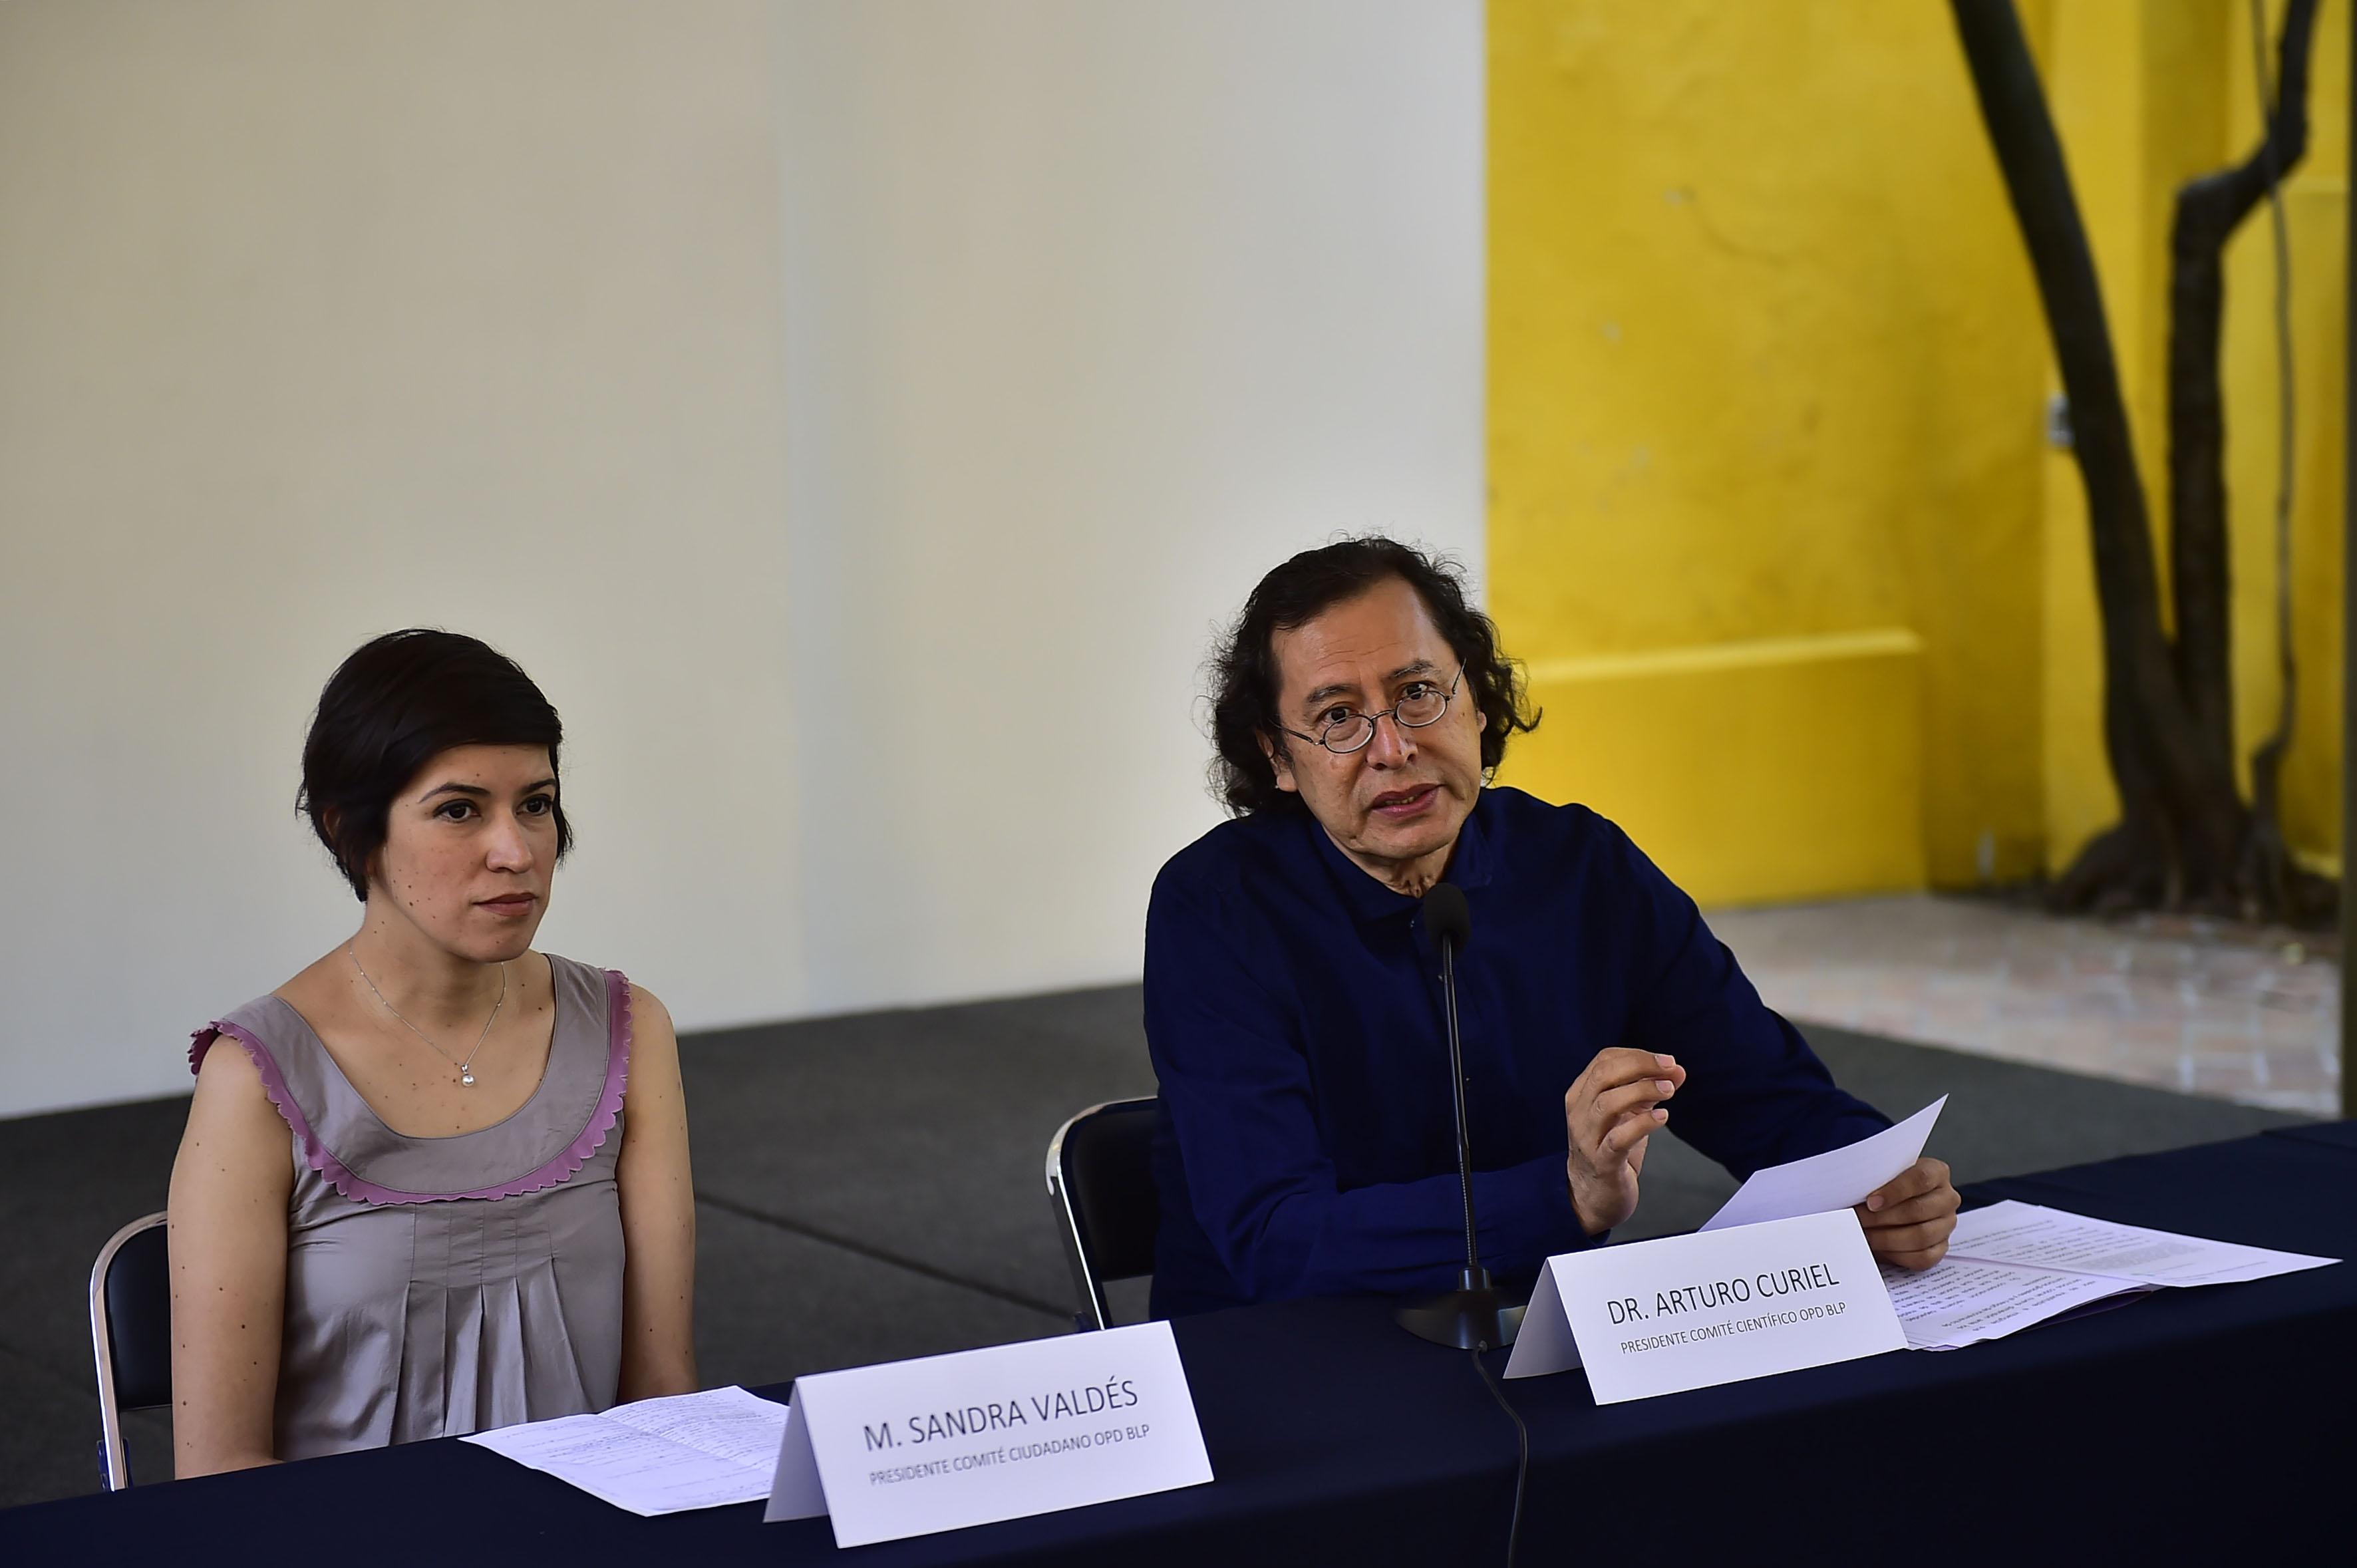 Investigador del Centro Universitario de Ciencias Biológicas y Agropecuarias (CUCBA) de la UdeG, doctor Arturo Curiel Ballesteros.